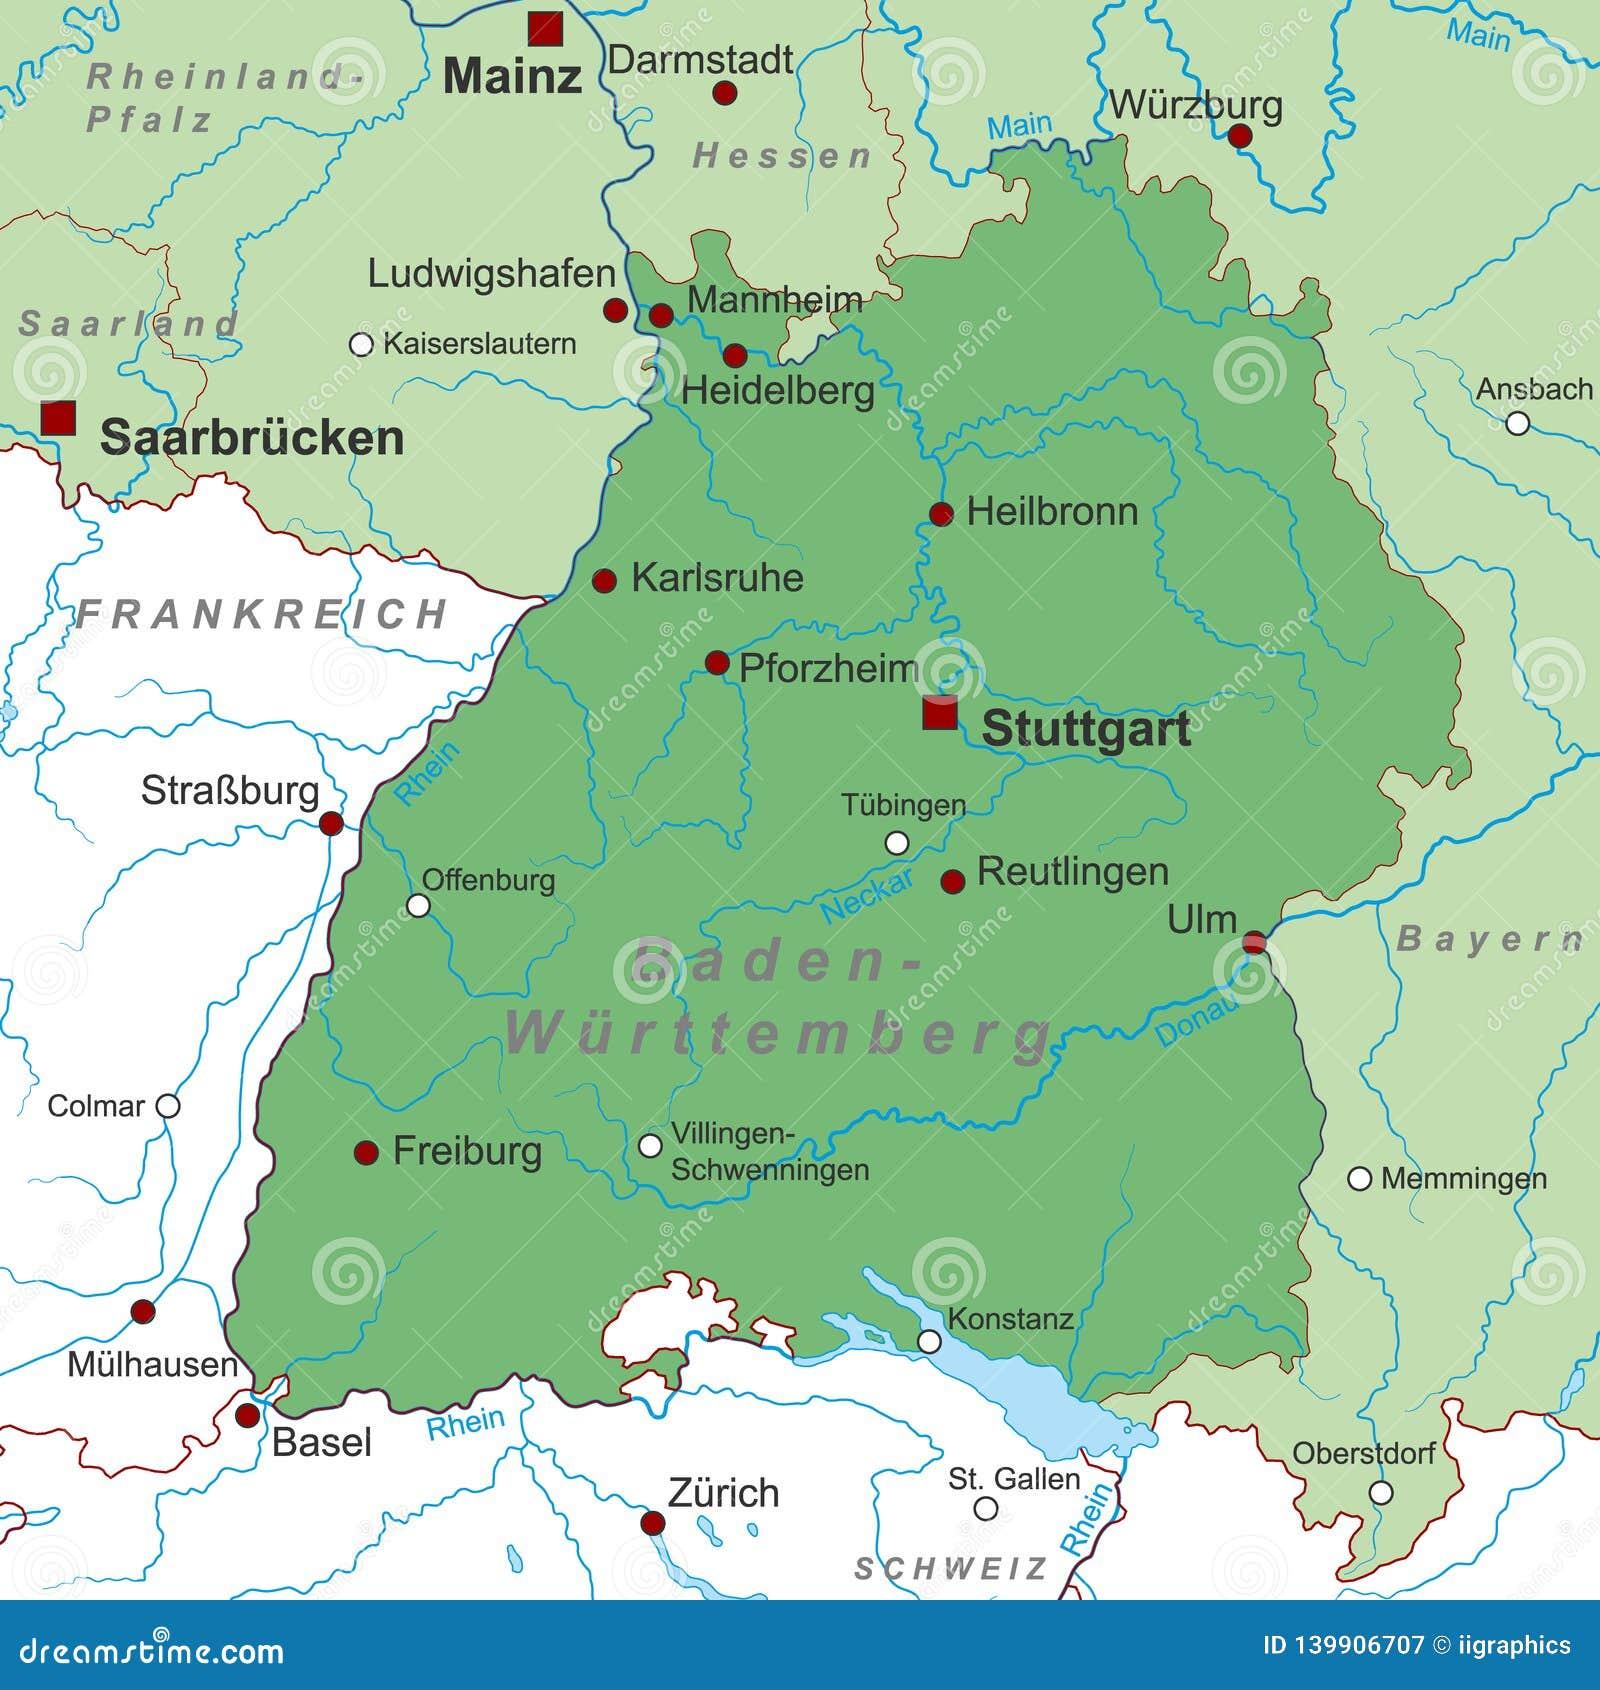 德国-德国的地图-'巴登市符腾堡'-高详细